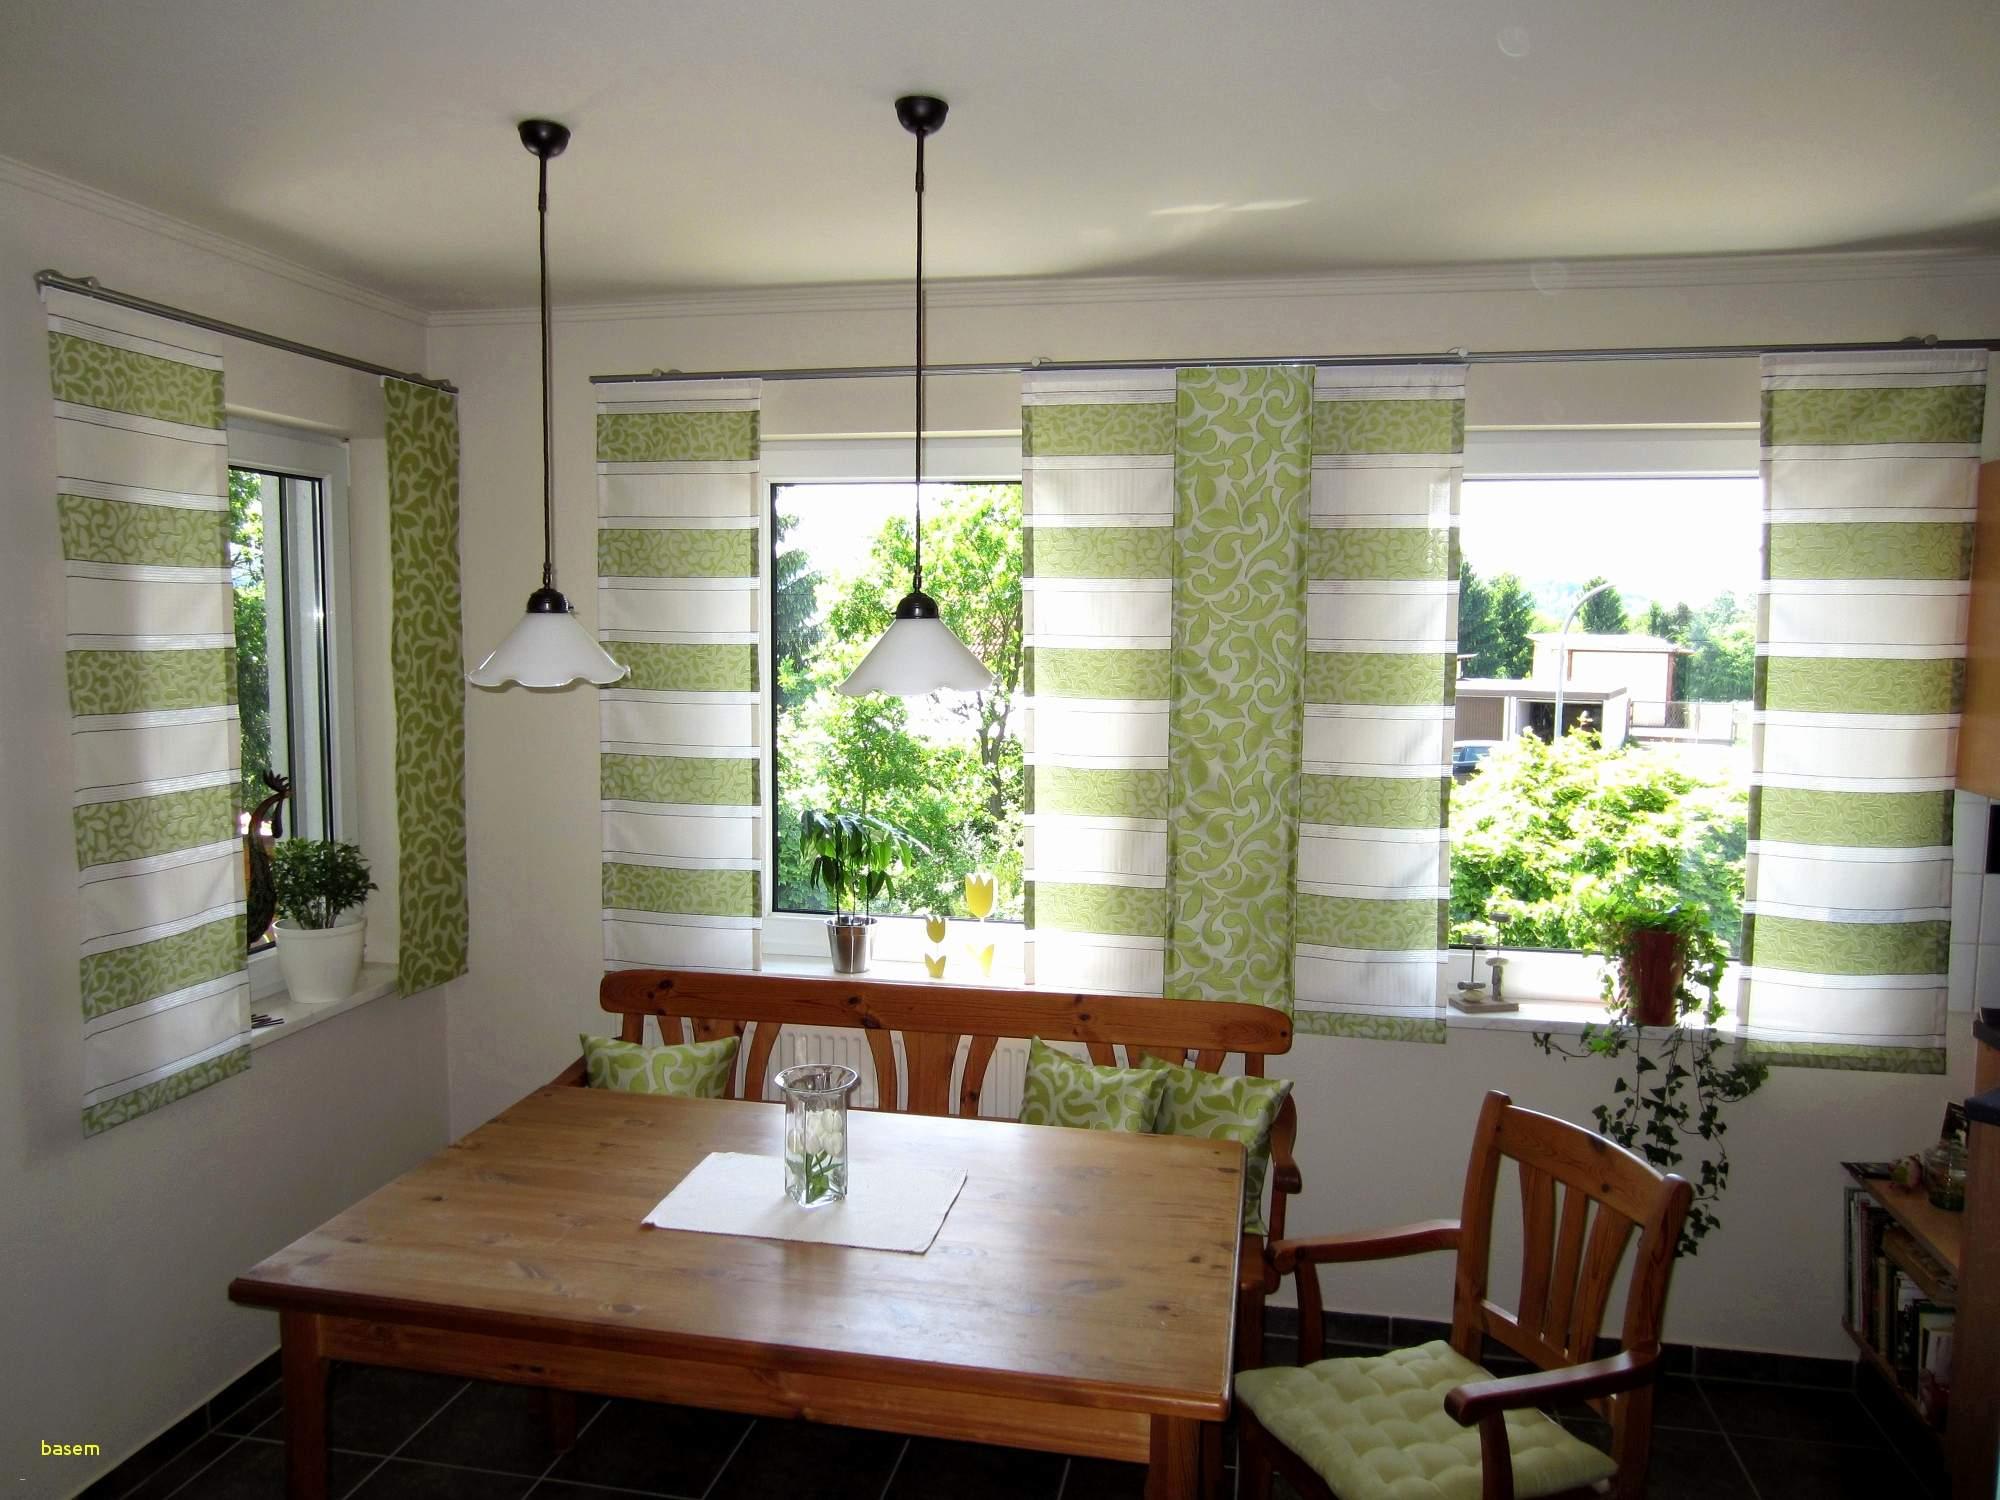 Glas Sichtschutz Garten Inspirierend 12 Einzigartig Bild Von Paletten Garten Sichtschutz